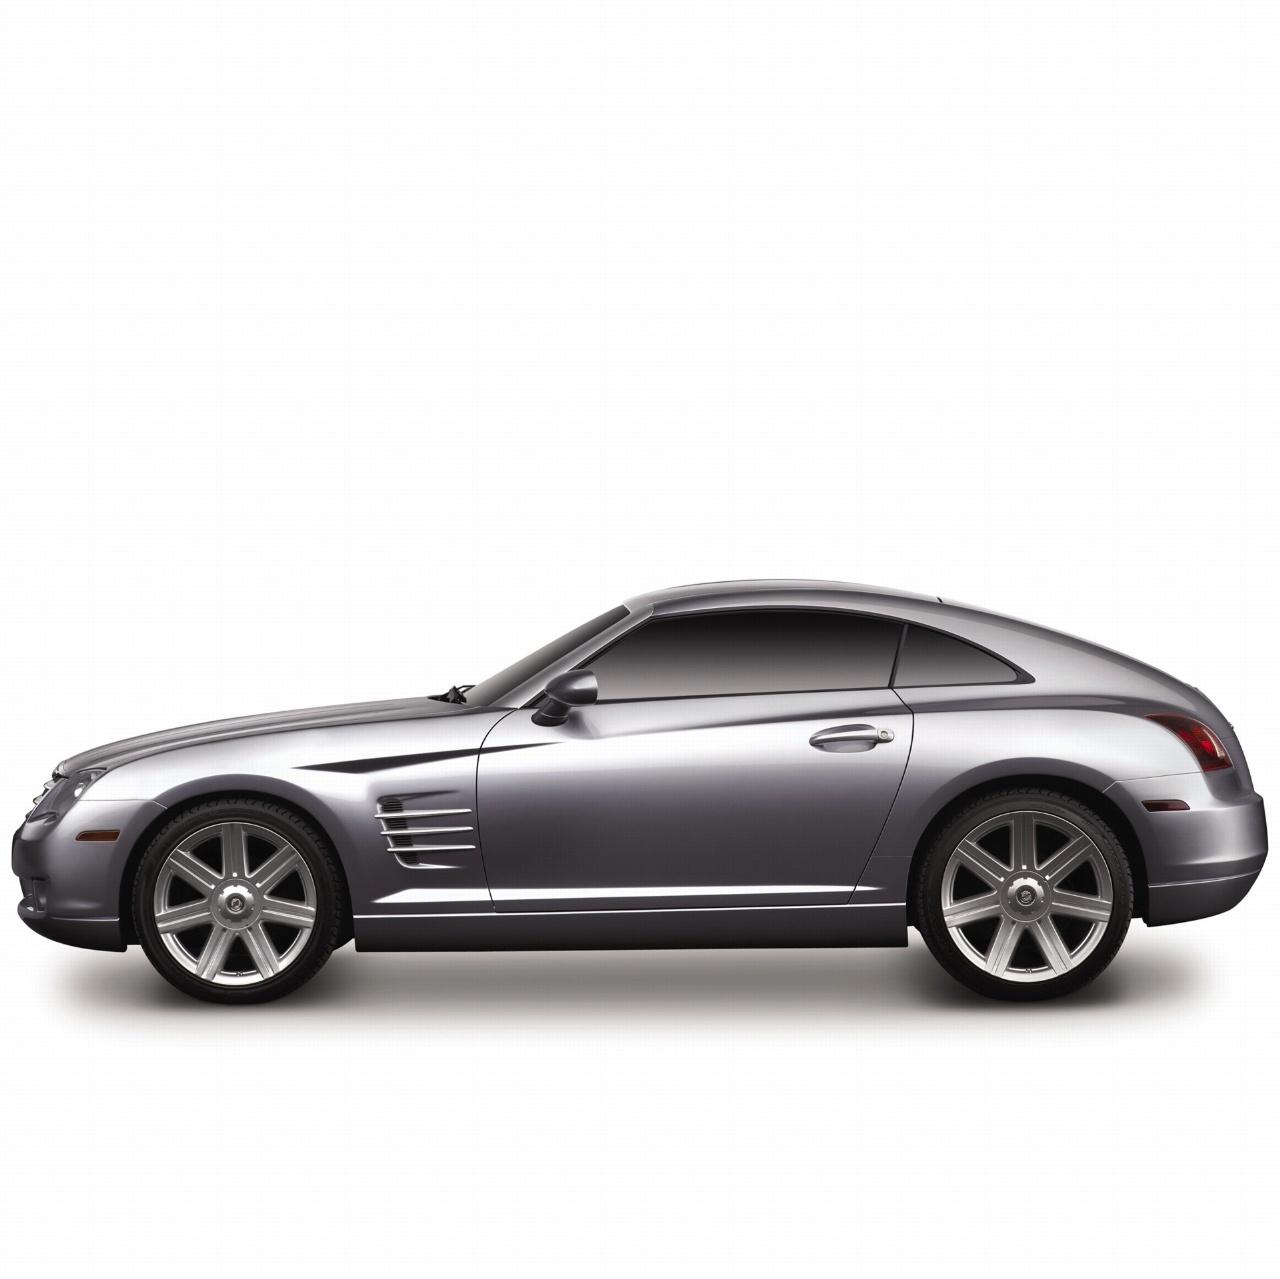 2006 Chrysler Crossfire Image